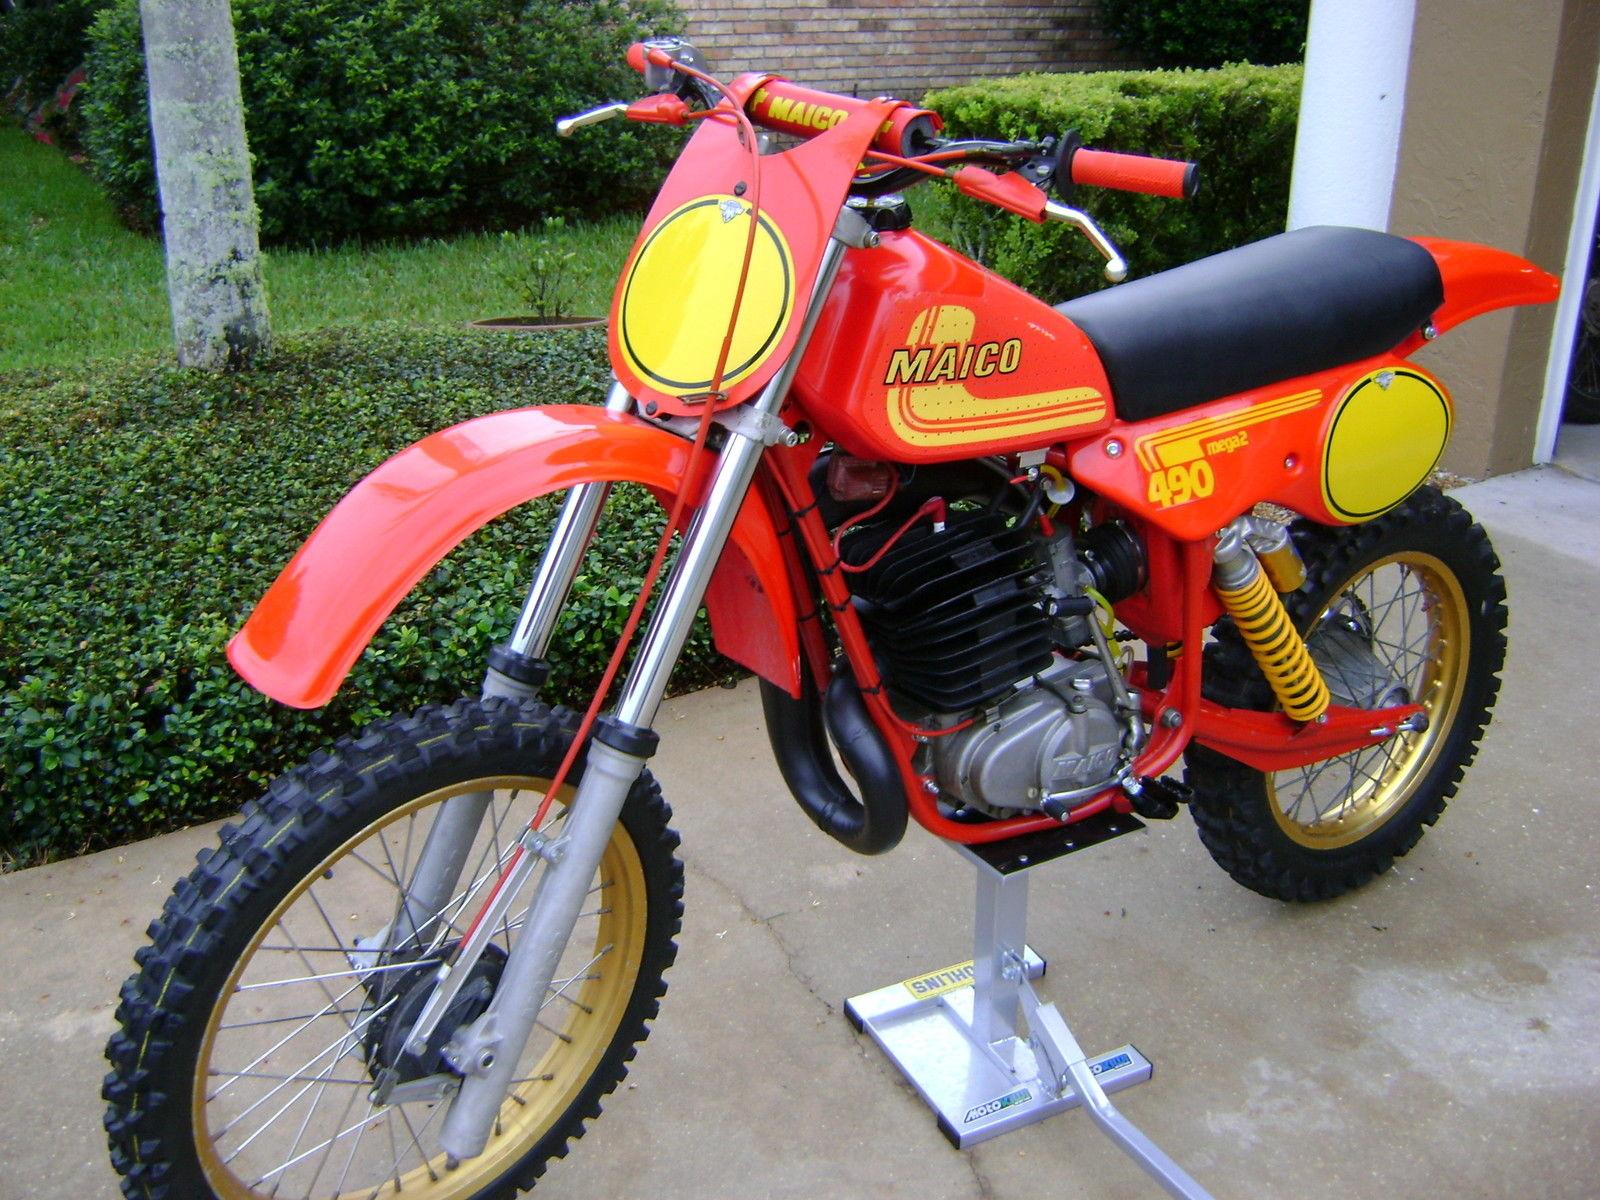 Ahrma Vintage Motocross 4